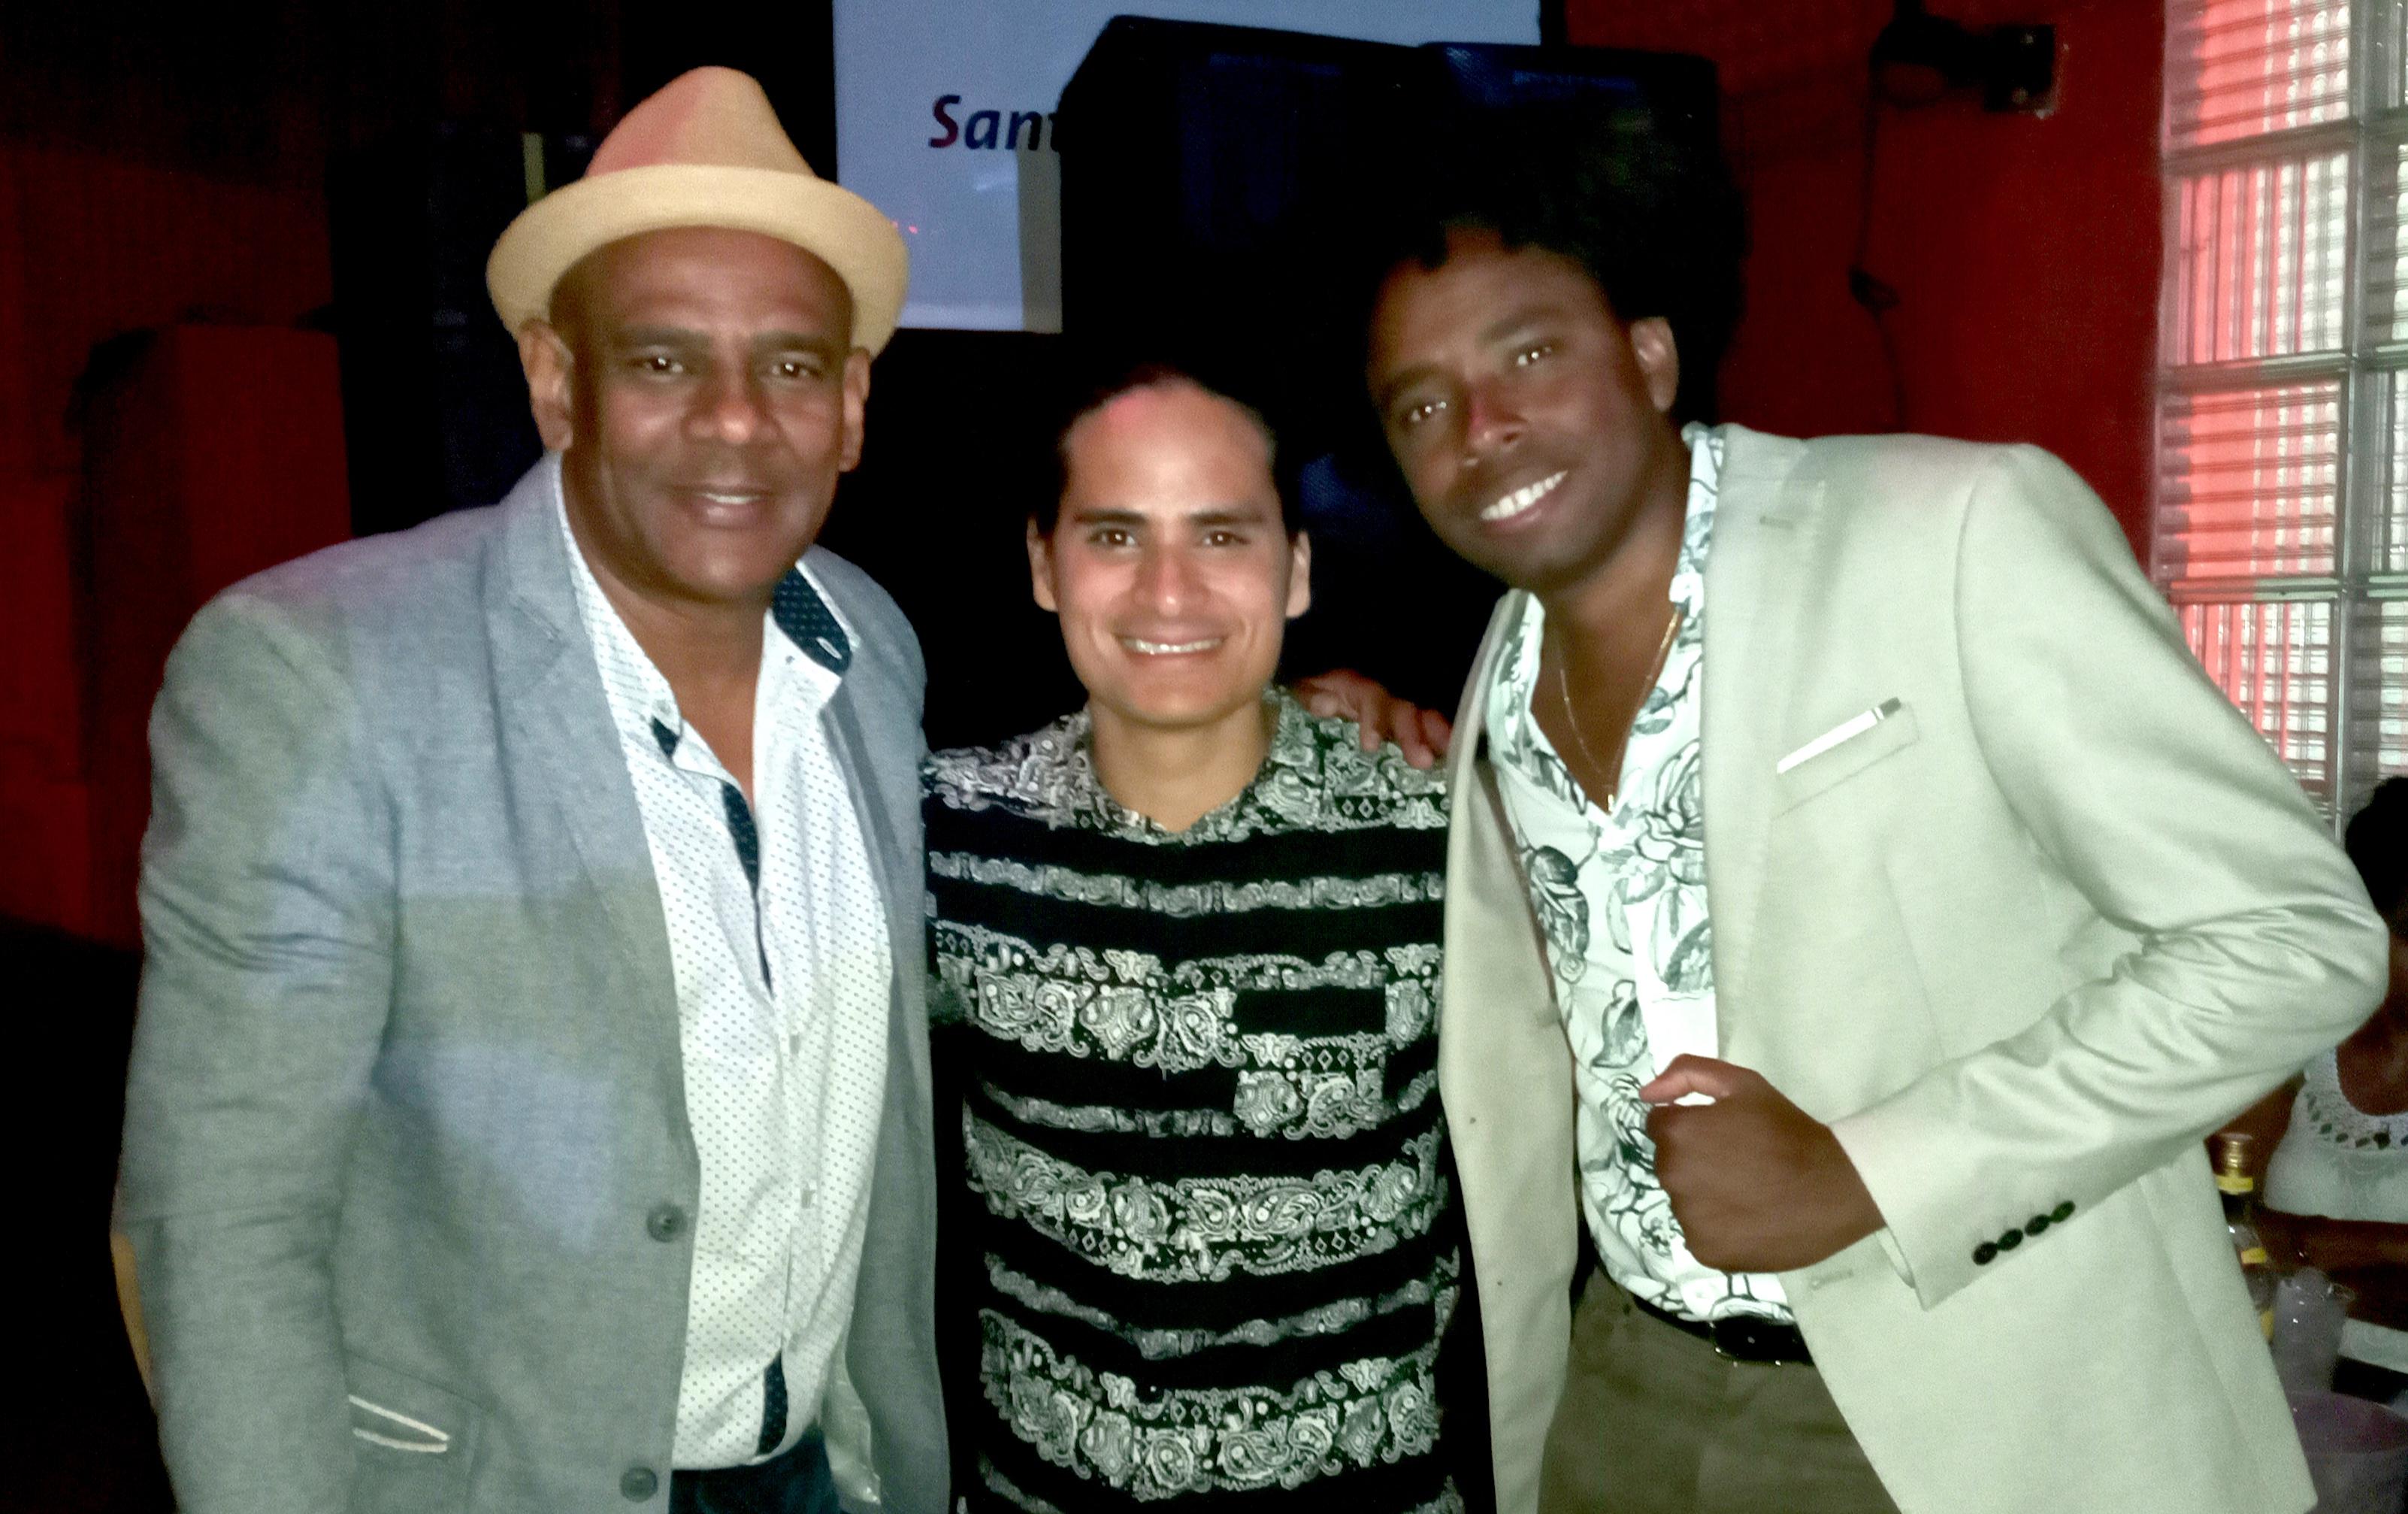 El Festival Jazz Namá propició nuestro encuentro con el destacado músicoAndy Rubal... ¡Enhorabuena!